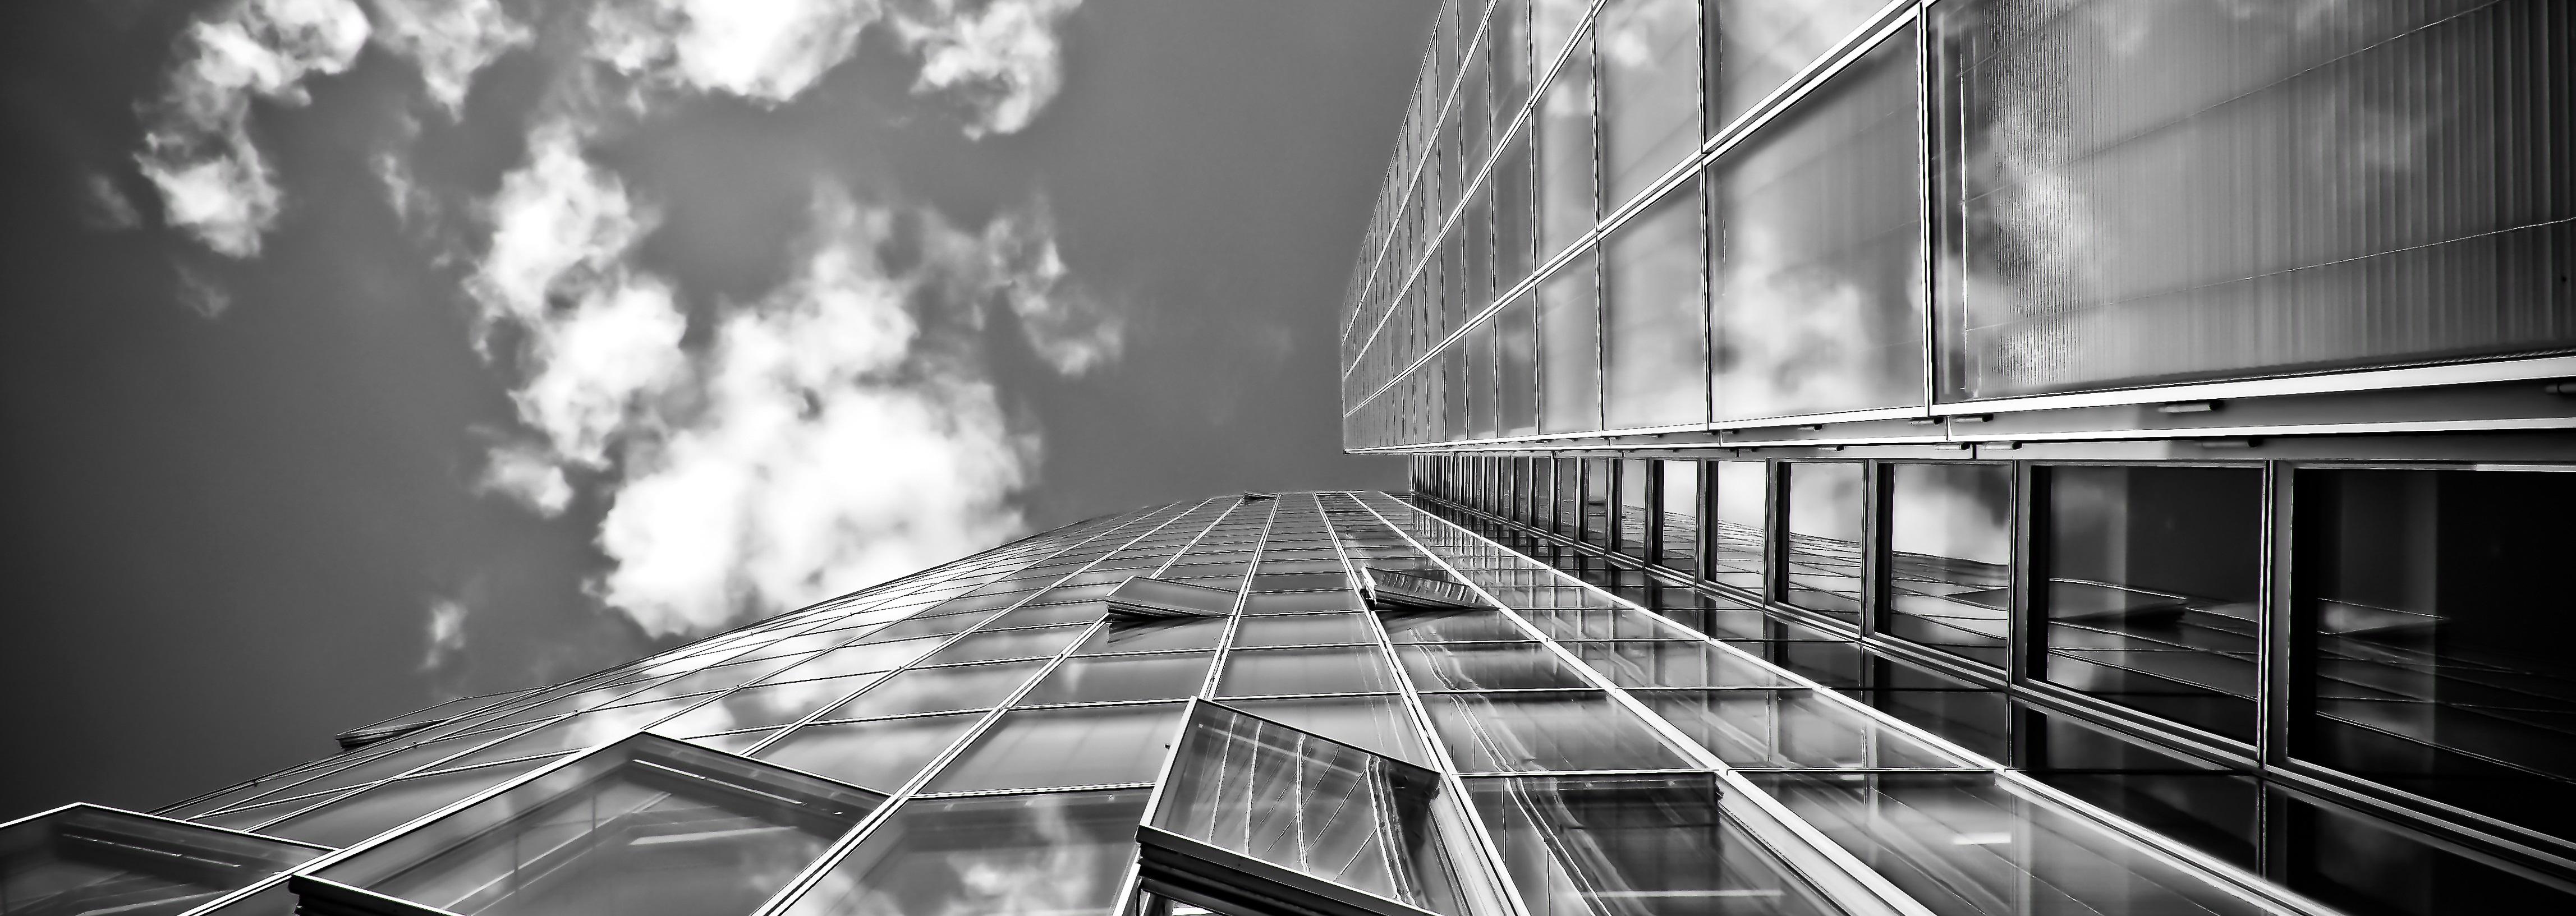 architecture-1750779jpg